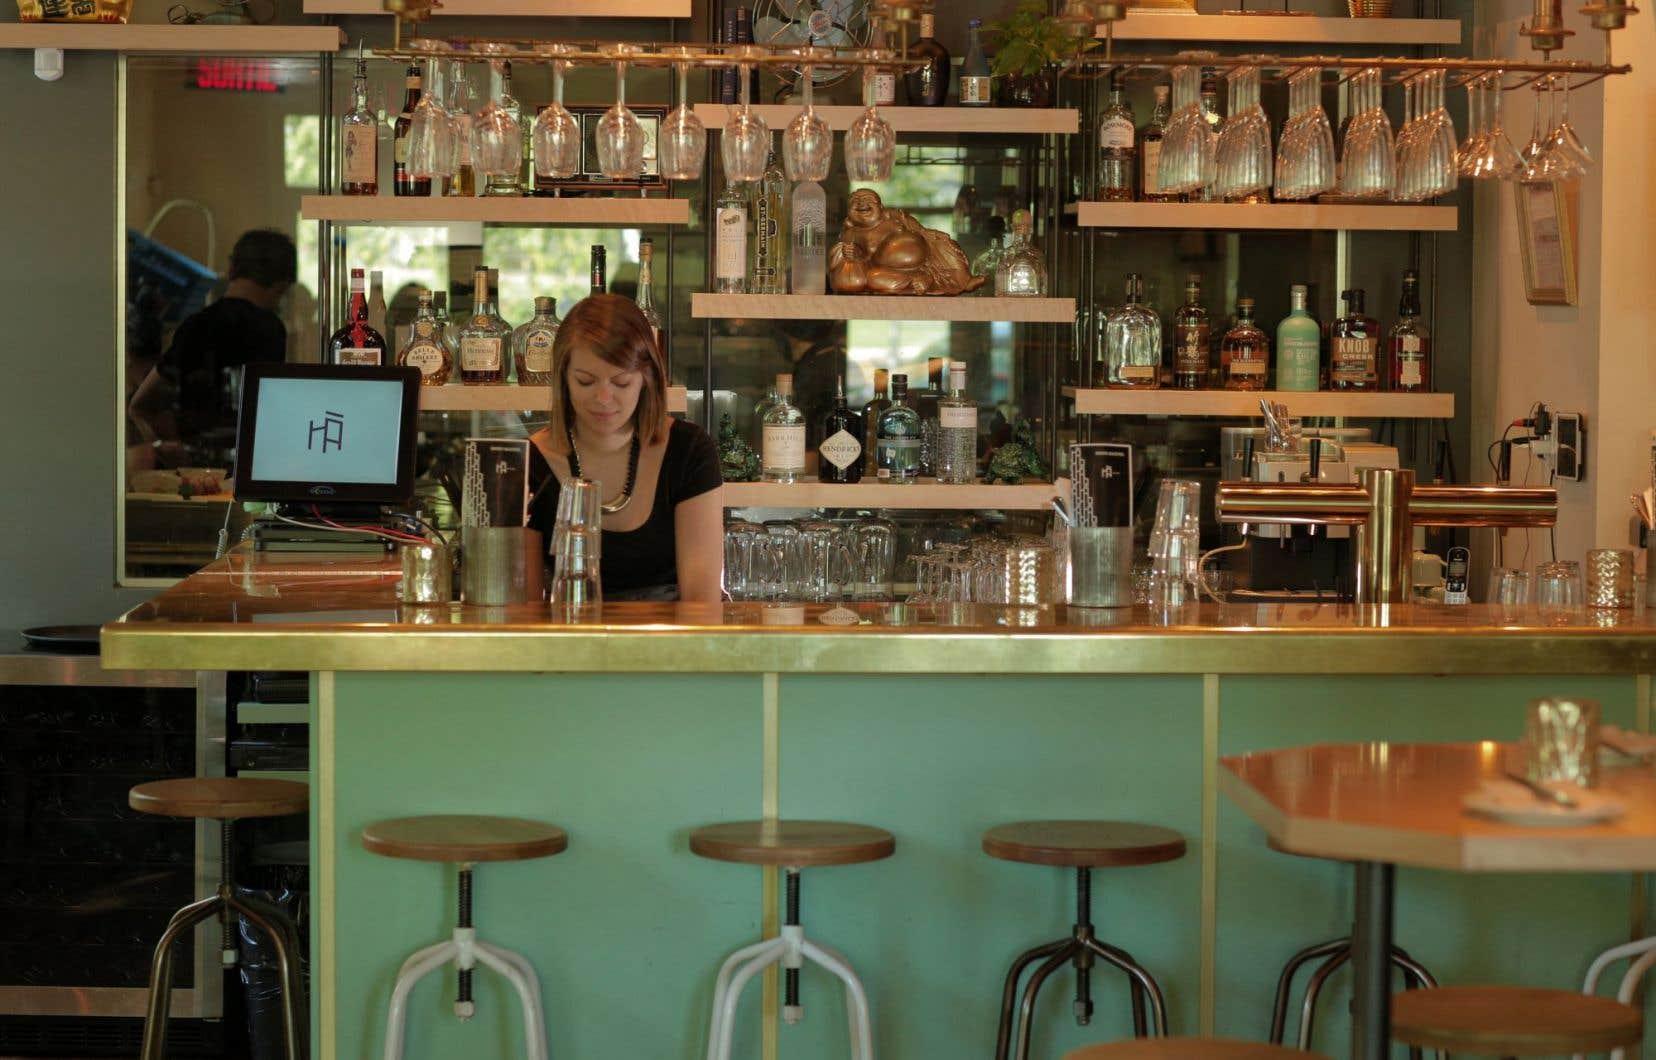 Le restaurant Hà a pris la suite de Souvenirs d'Indochine, avenue du Mont-Royal, à Montréal.